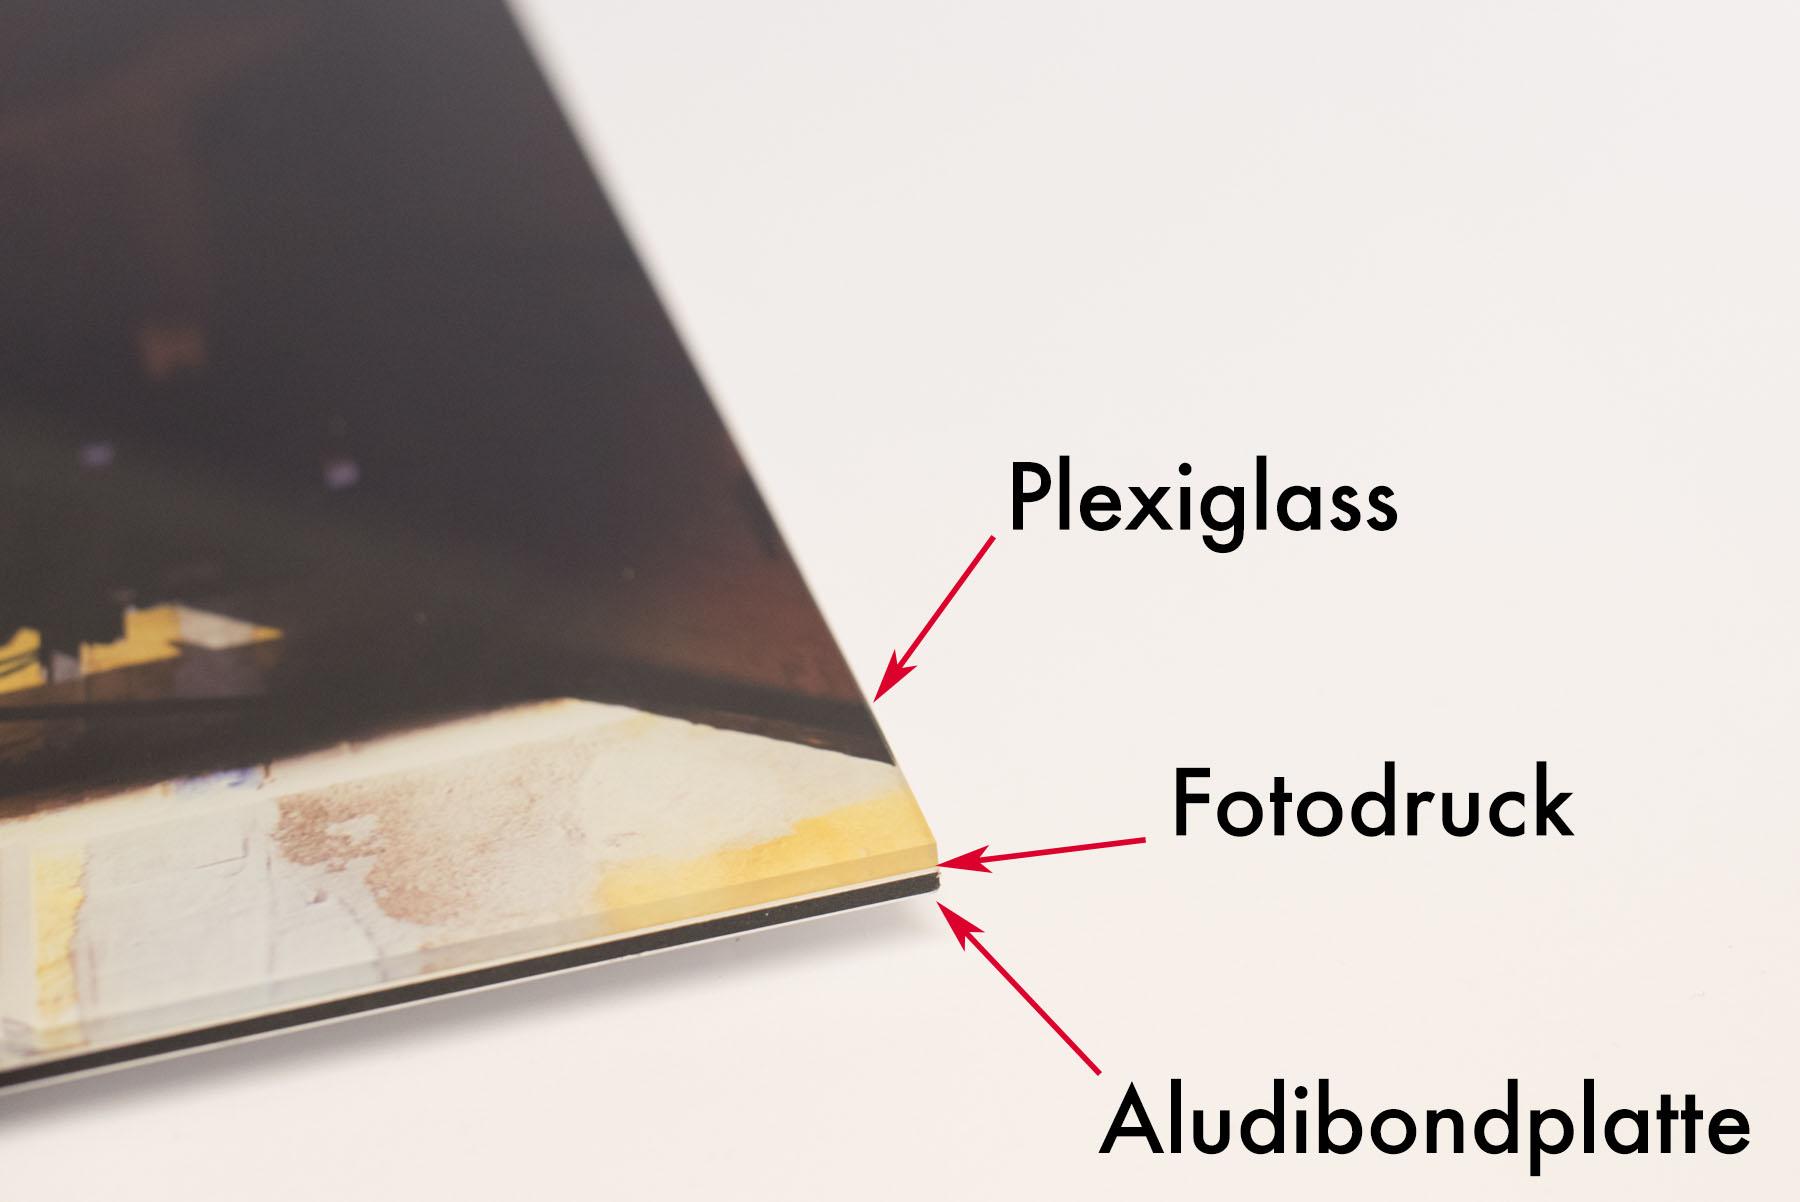 Detailerklärung des Galleryprint Drucks. Auf einer Aludibondplatte wird stabil der Fotodruck aufgebracht und mit Plexiglass versiegelt.